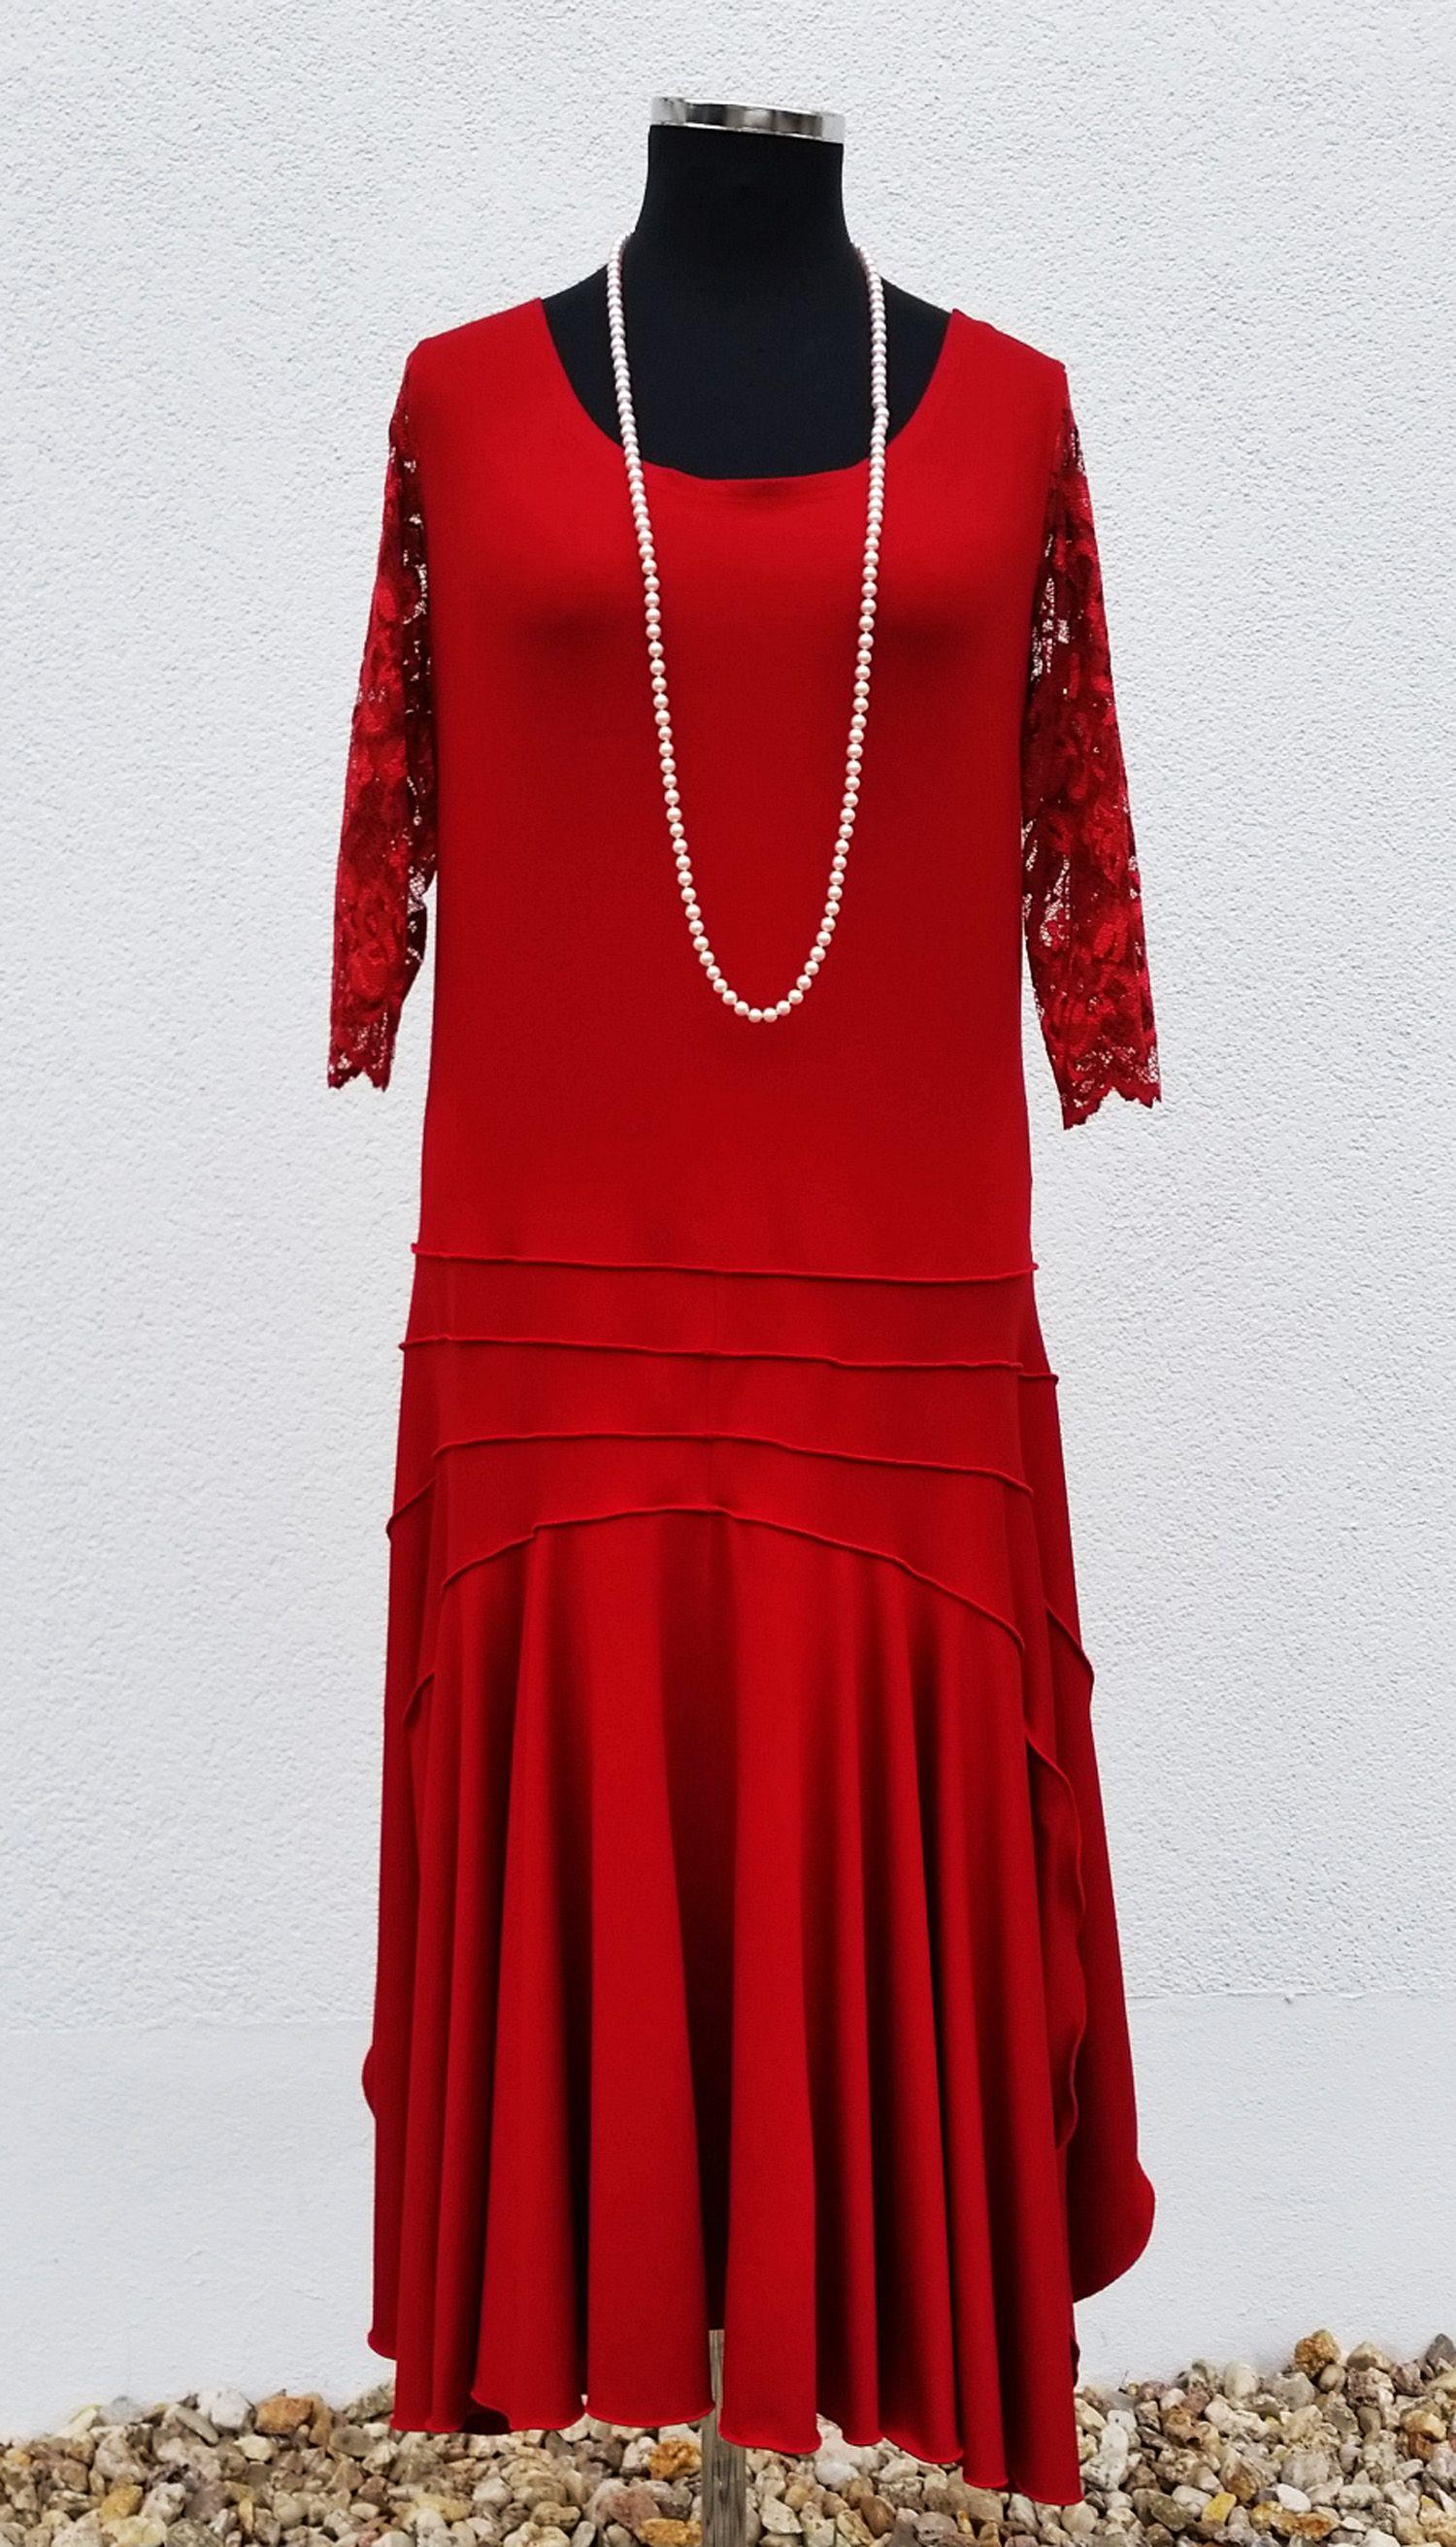 jersey kleid rot im 20er jahre stil von klennes damen mode vintage styl in 2019 vintage